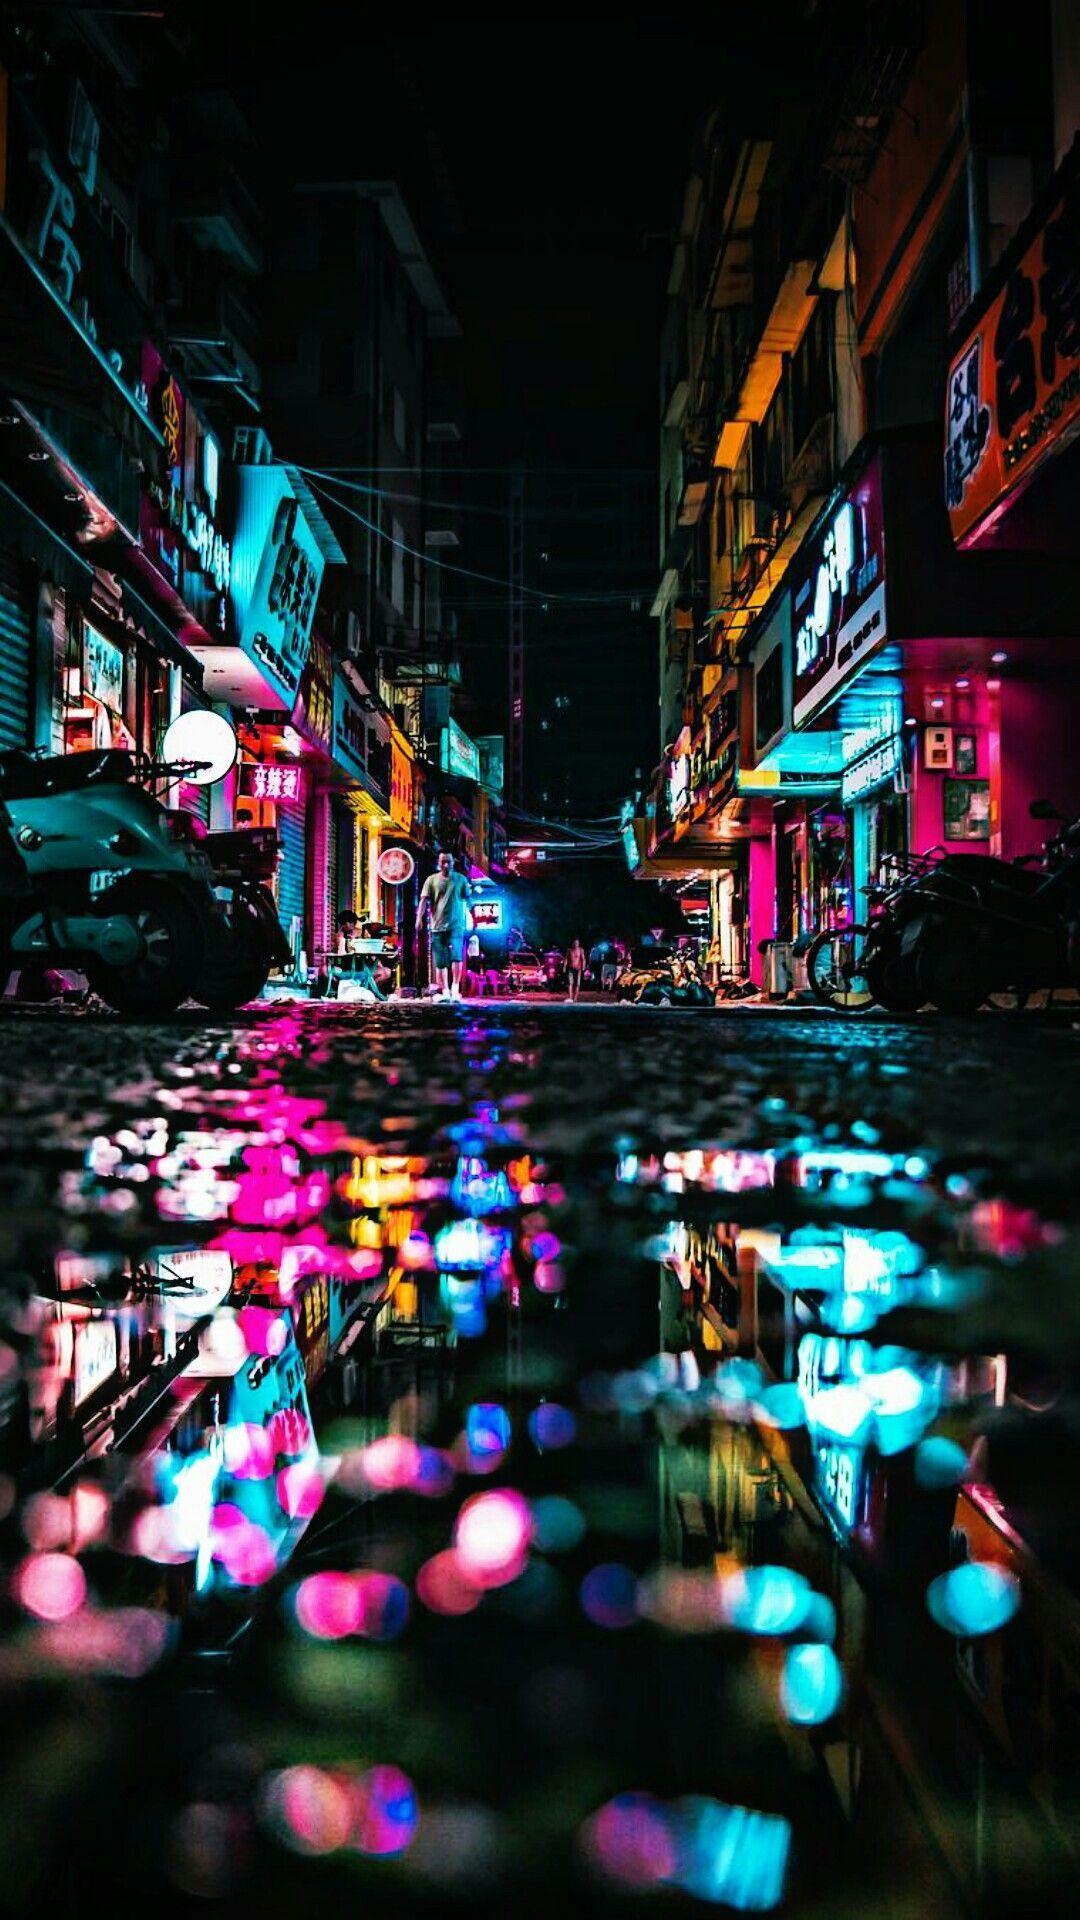 人気3位 サイバーパンクな雰囲気の夜の街 Iphonex スマホ壁紙 待受画像ギャラリー ホーム 画面 画像 街角フォト 風景